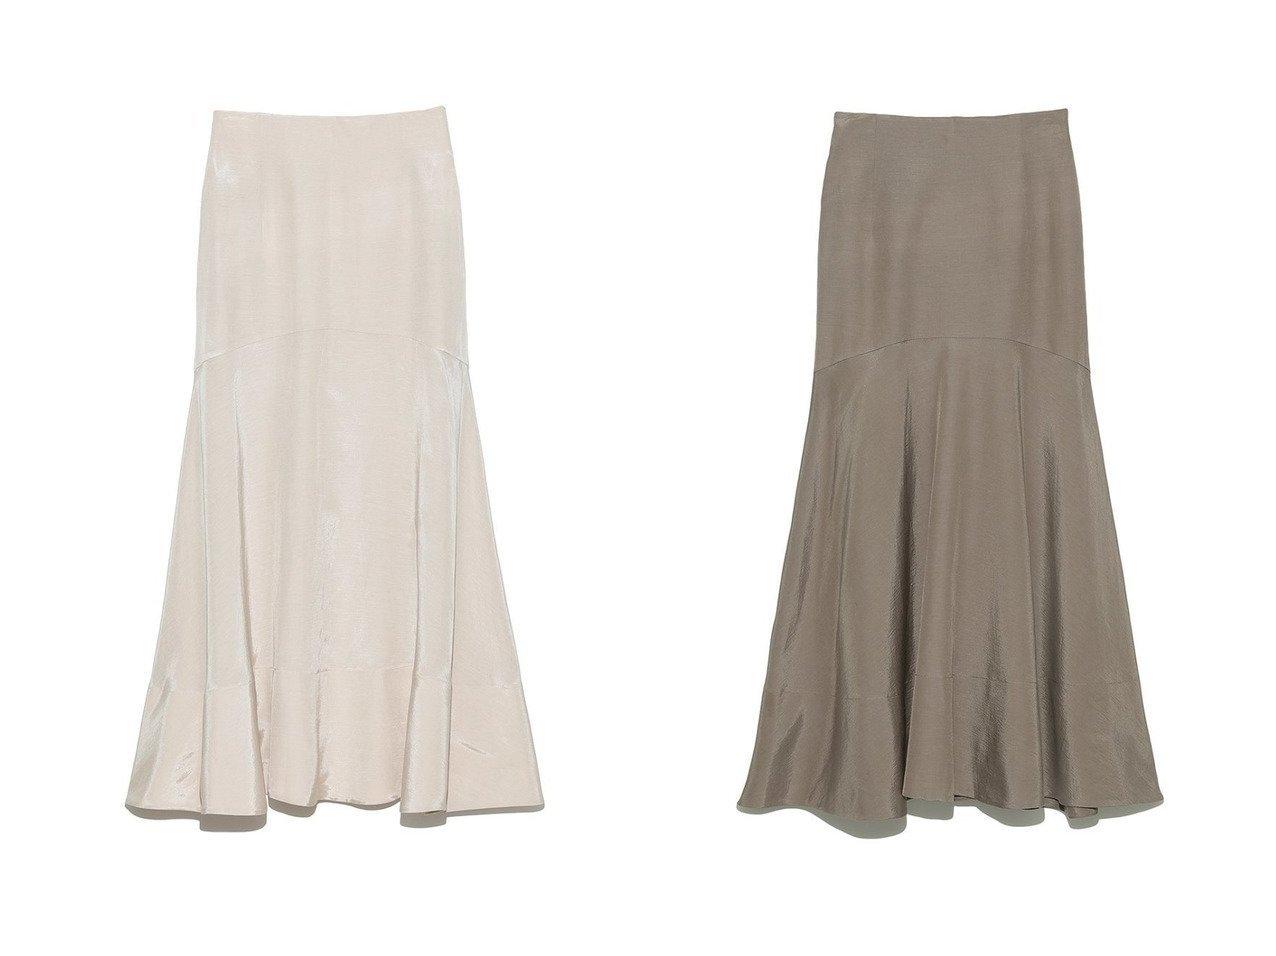 【Mila Owen/ミラオーウェン】のマーメイドスカート 【スカート】おすすめ!人気、トレンド・レディースファッションの通販 おすすめで人気の流行・トレンド、ファッションの通販商品 インテリア・家具・メンズファッション・キッズファッション・レディースファッション・服の通販 founy(ファニー) https://founy.com/ ファッション Fashion レディースファッション WOMEN スカート Skirt ロングスカート Long Skirt おすすめ Recommend カフス ギンガム コンパクト スウェット セットアップ チェック マーメイド リネン リボン ロング |ID:crp329100000063743